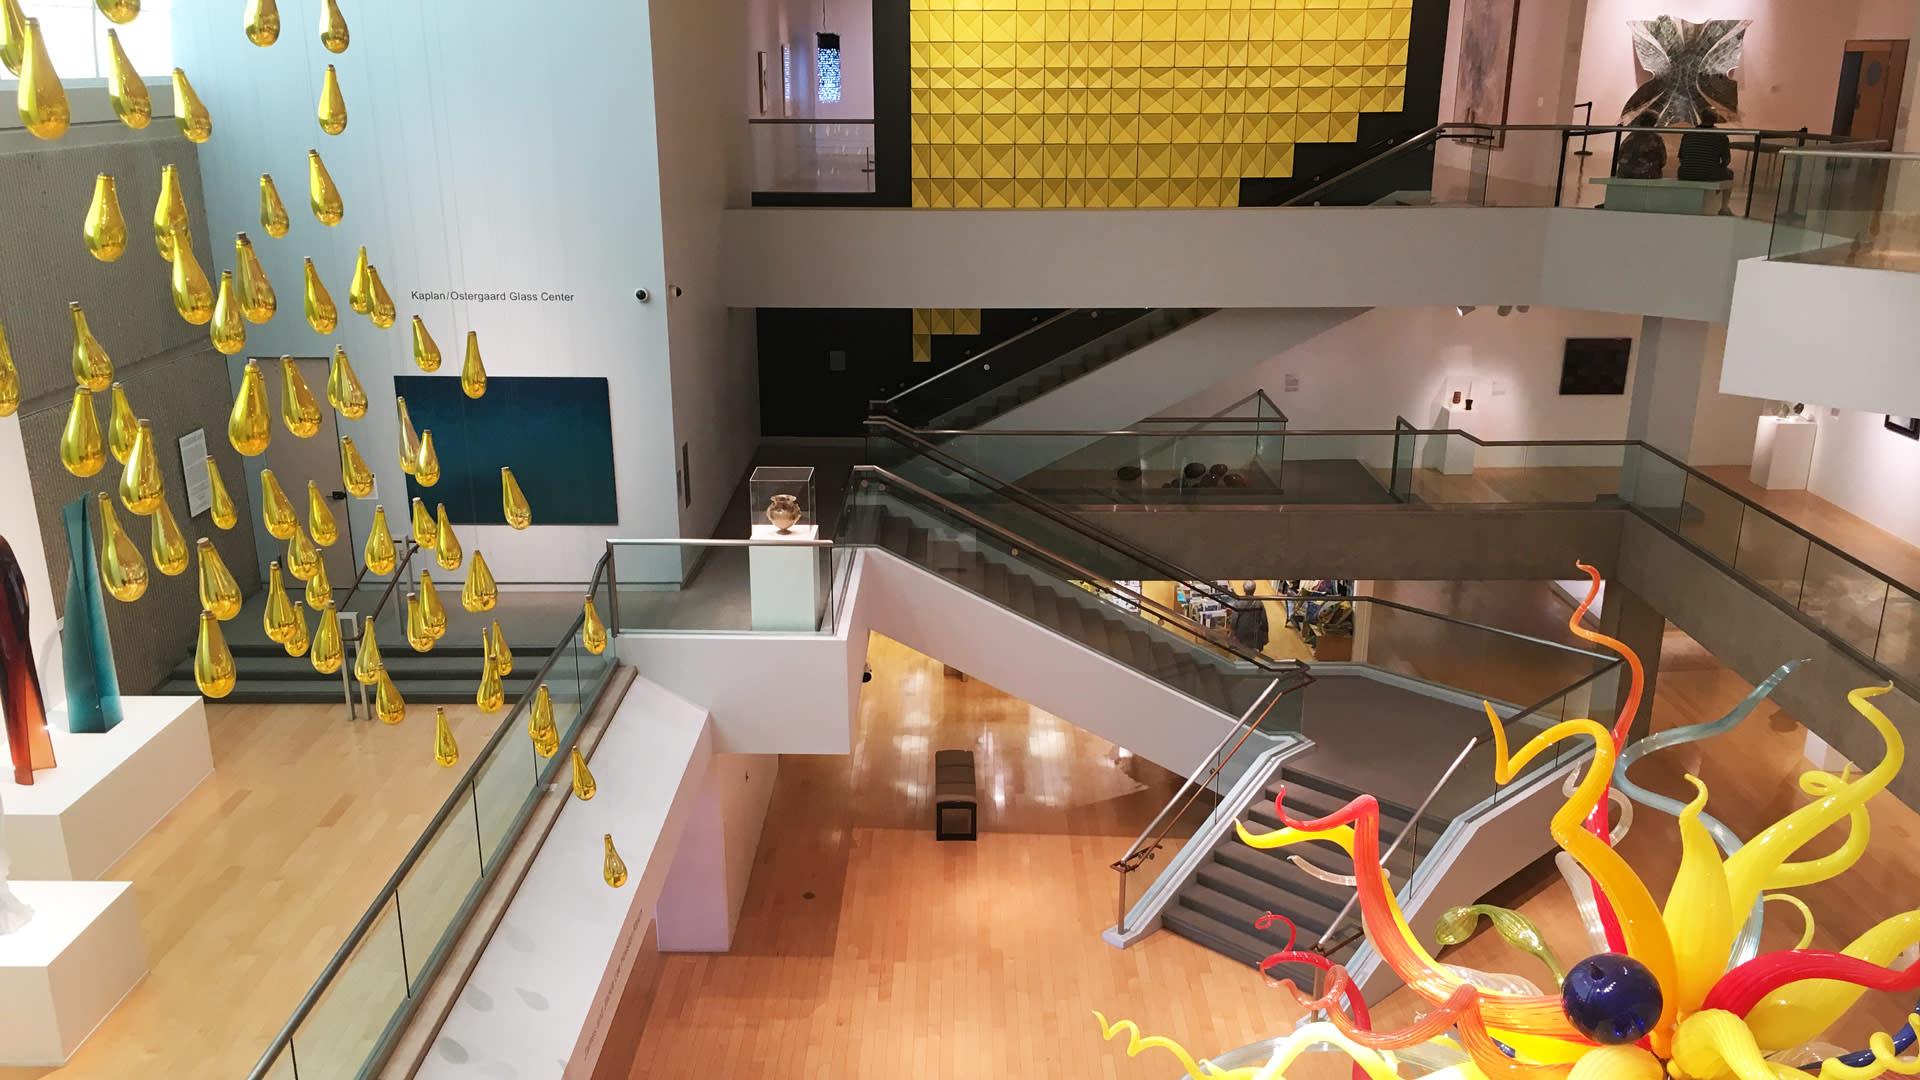 PSArtMuseum